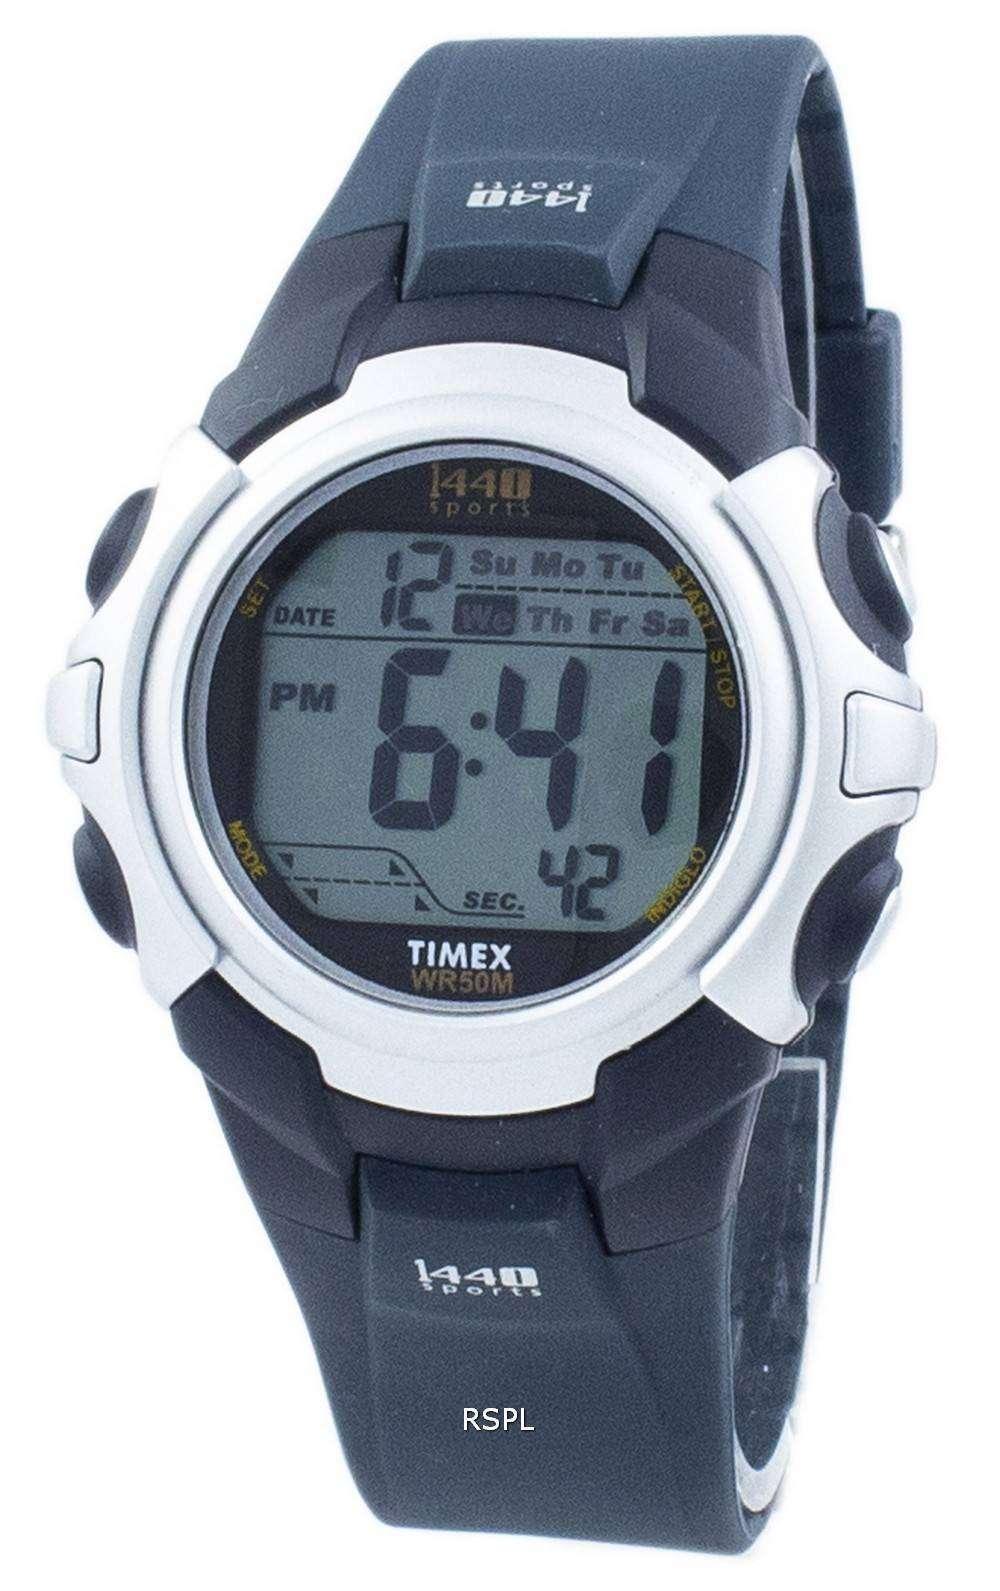 タイメックス 1440 スポーツ Indiglo アラーム Wi-fi デジタル T5J571 メンズ腕時計